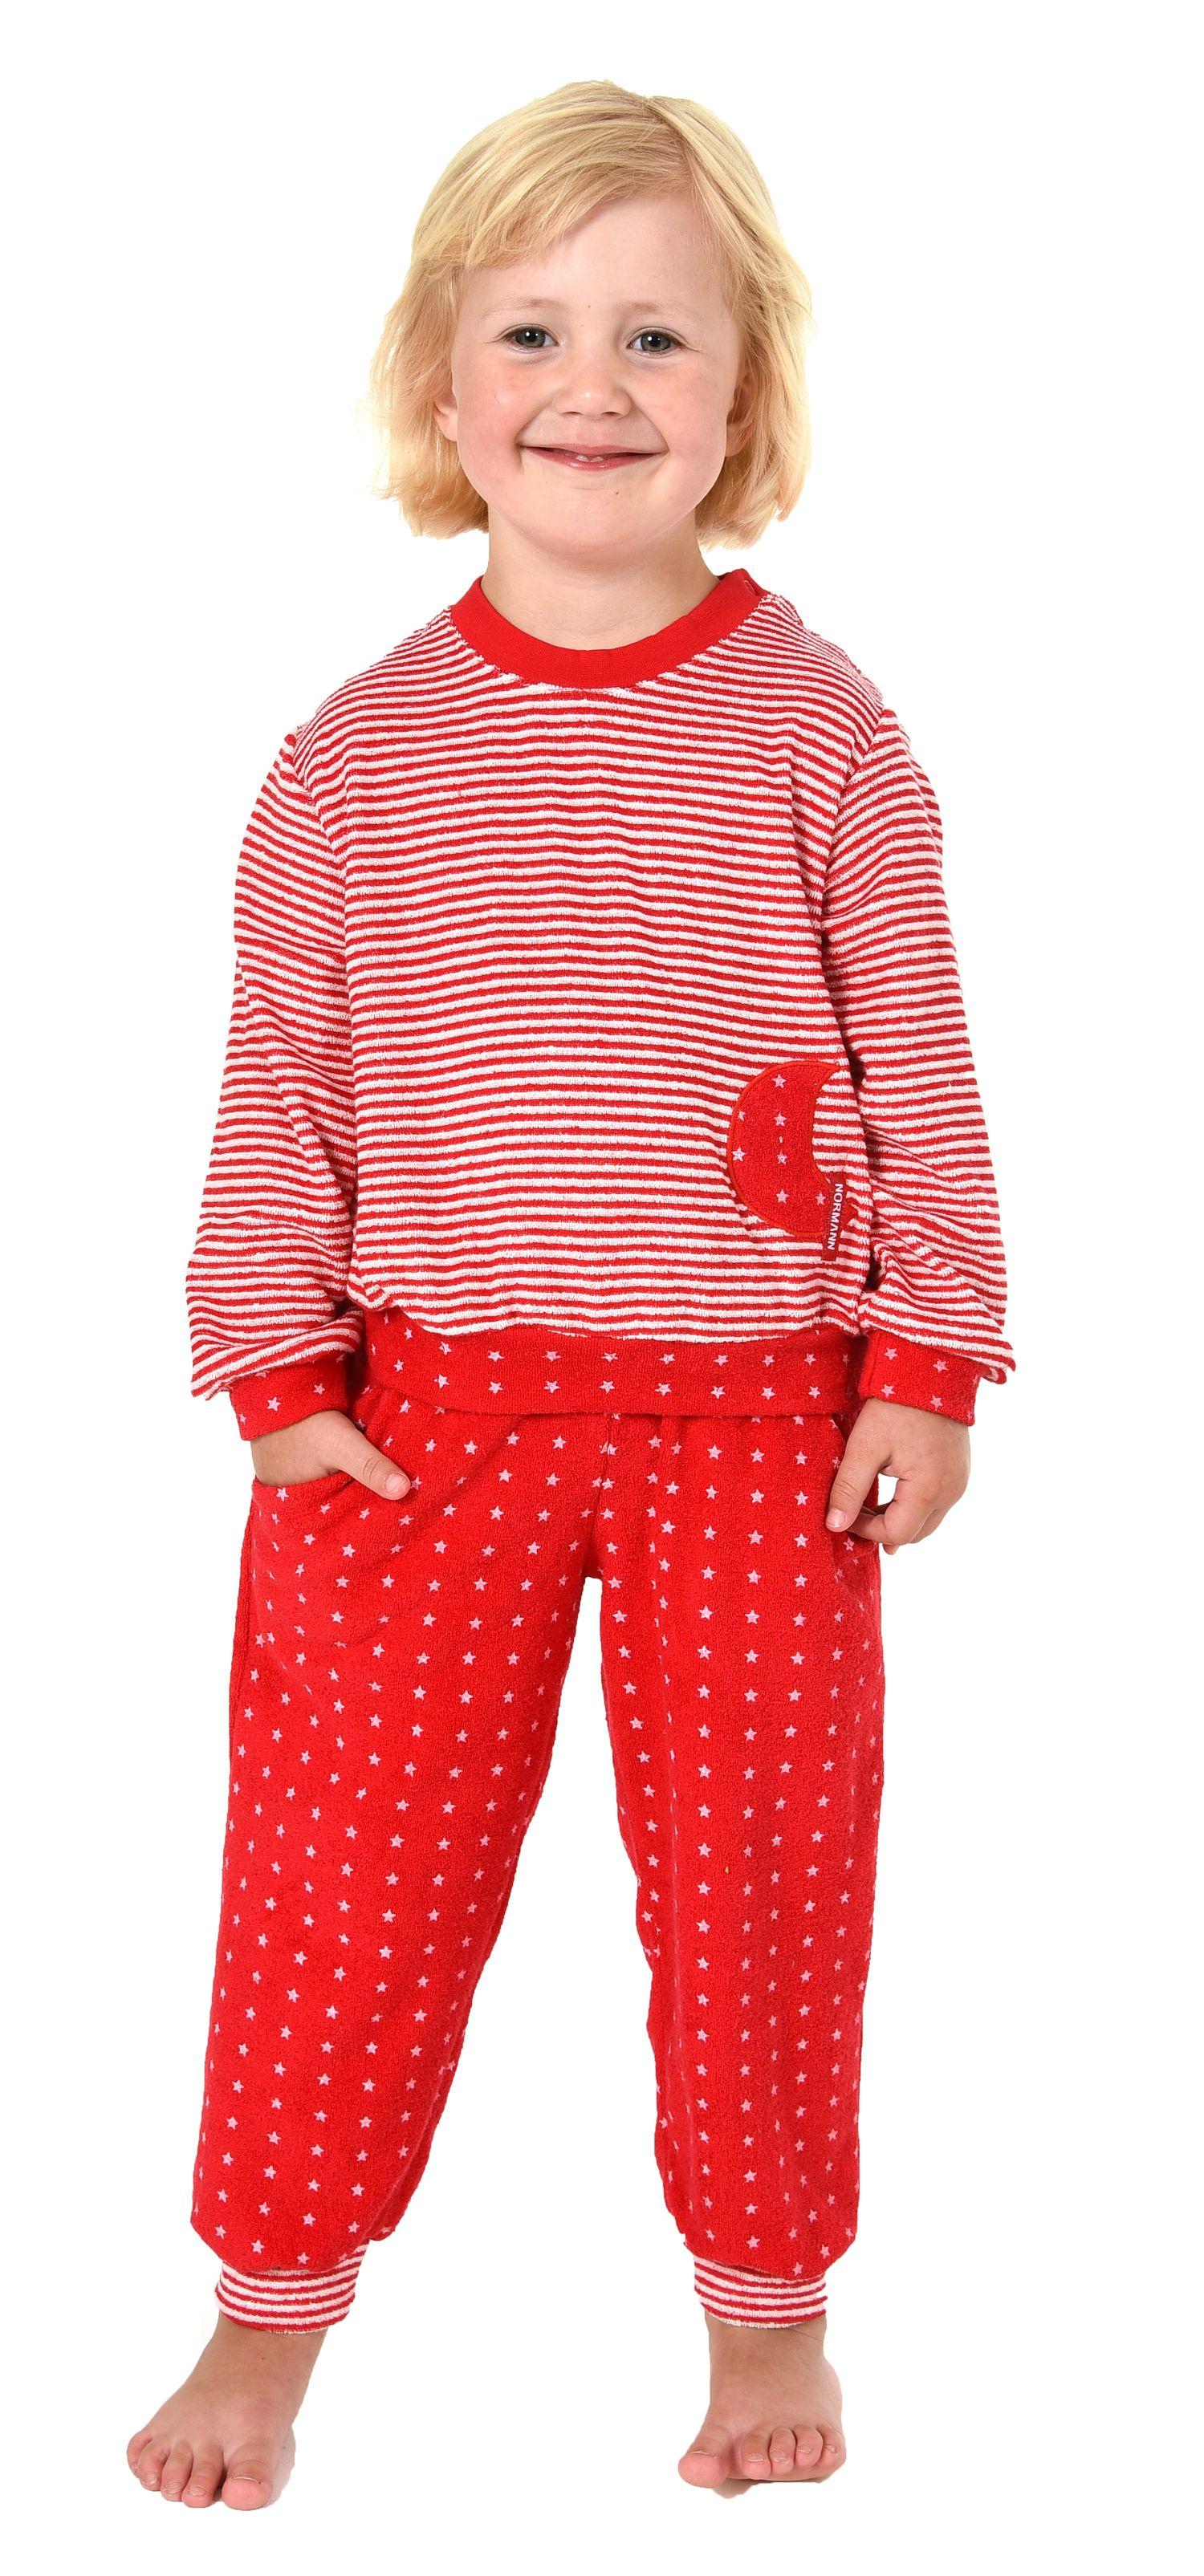 Mädchen Frottee Pyjama langarm mit Bündchen in Sterne Tupfen und Streifenoptik 86 - 110 – Bild 1